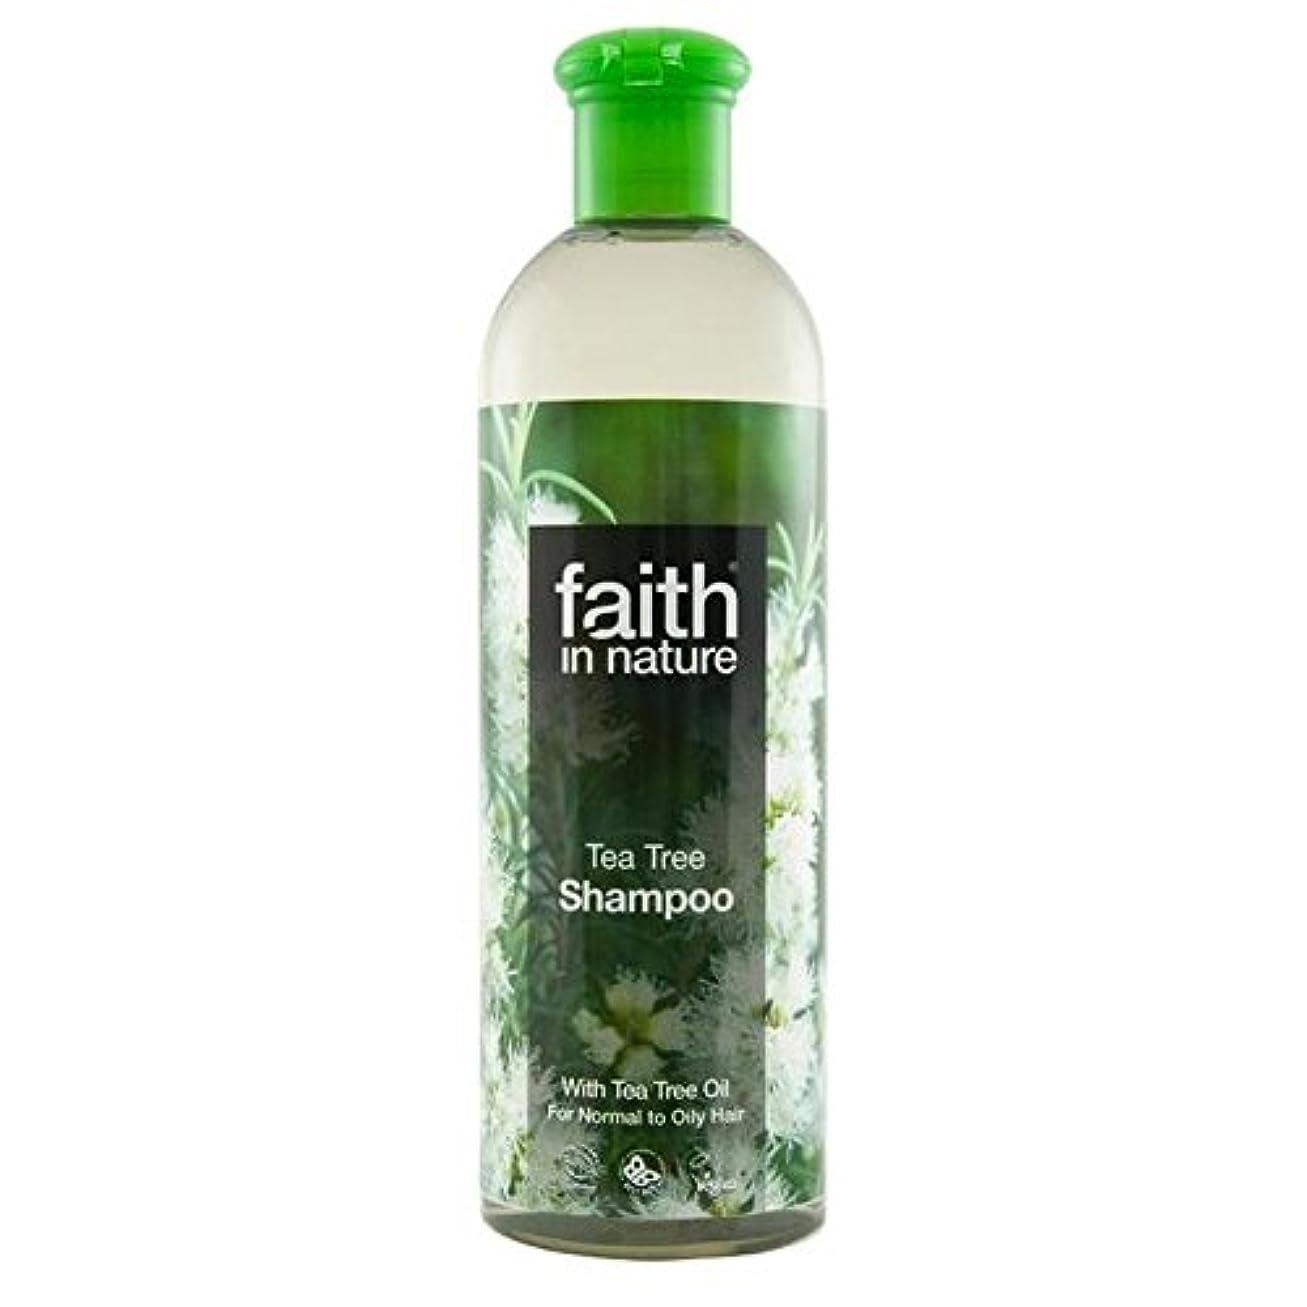 拮抗冊子道徳のFaith in Nature Tea Tree Shampoo 400ml (Pack of 2) - (Faith In Nature) 自然のティーツリーシャンプー400ミリリットルの信仰 (x2) [並行輸入品]